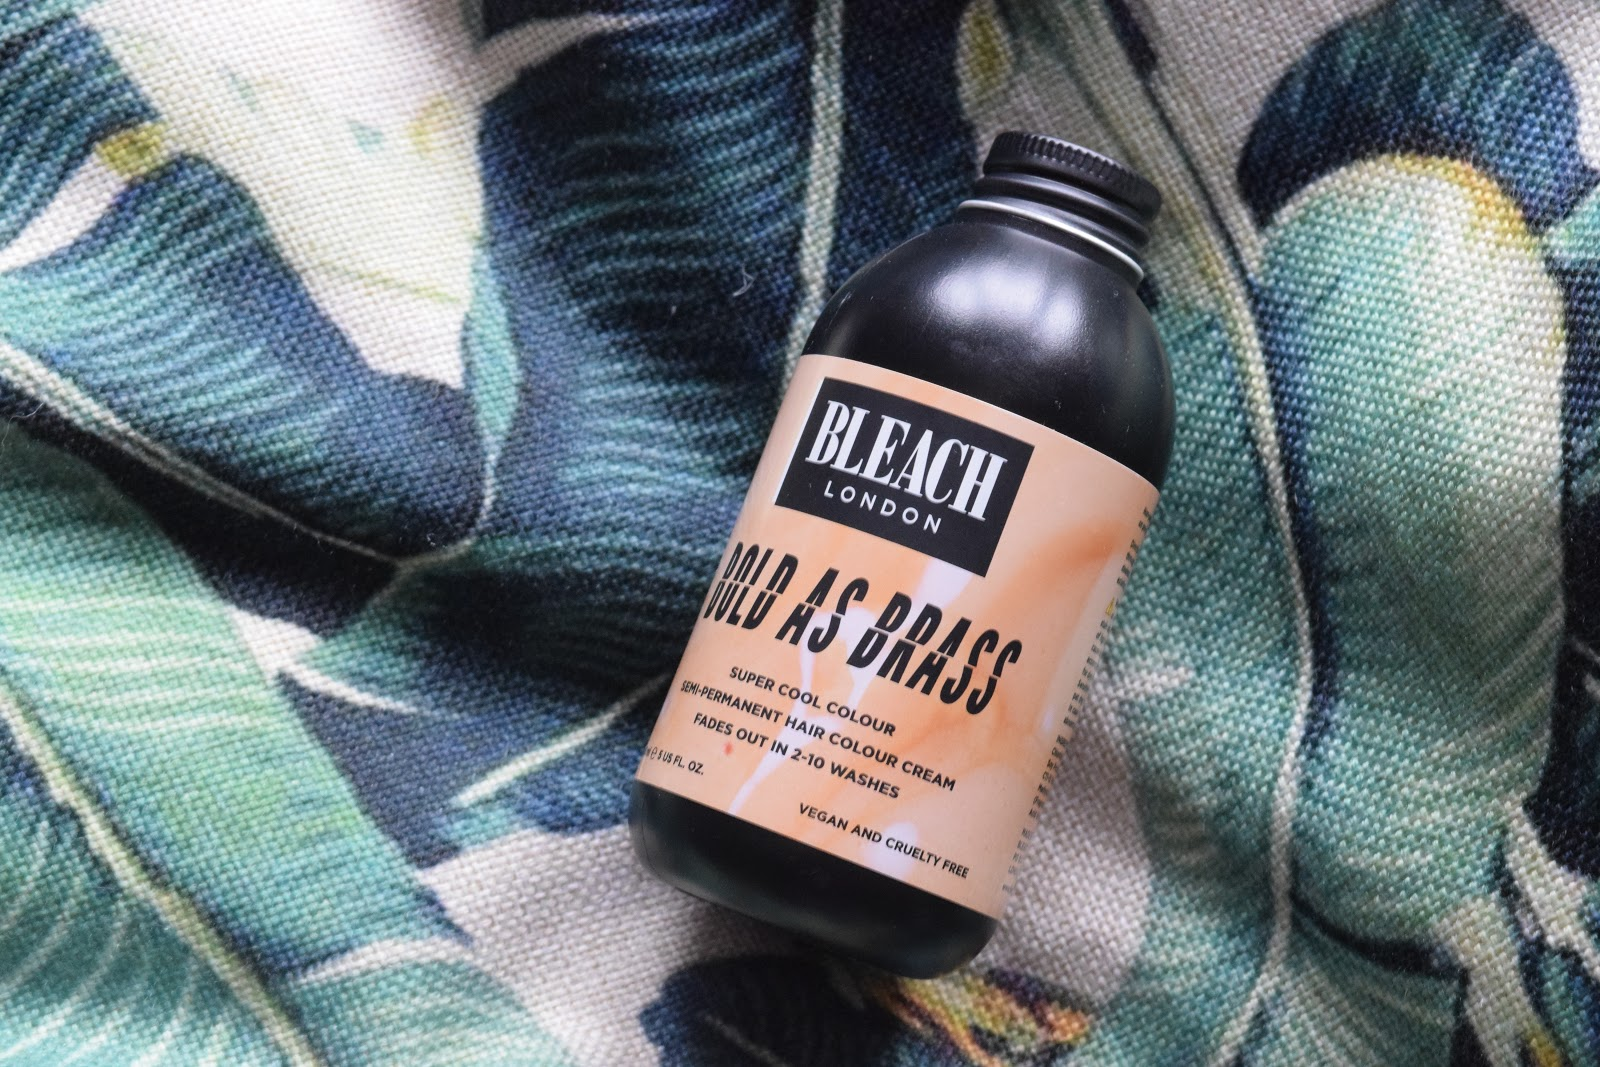 Bleach London bold as brass hair dye bottle on a leaf patterned background